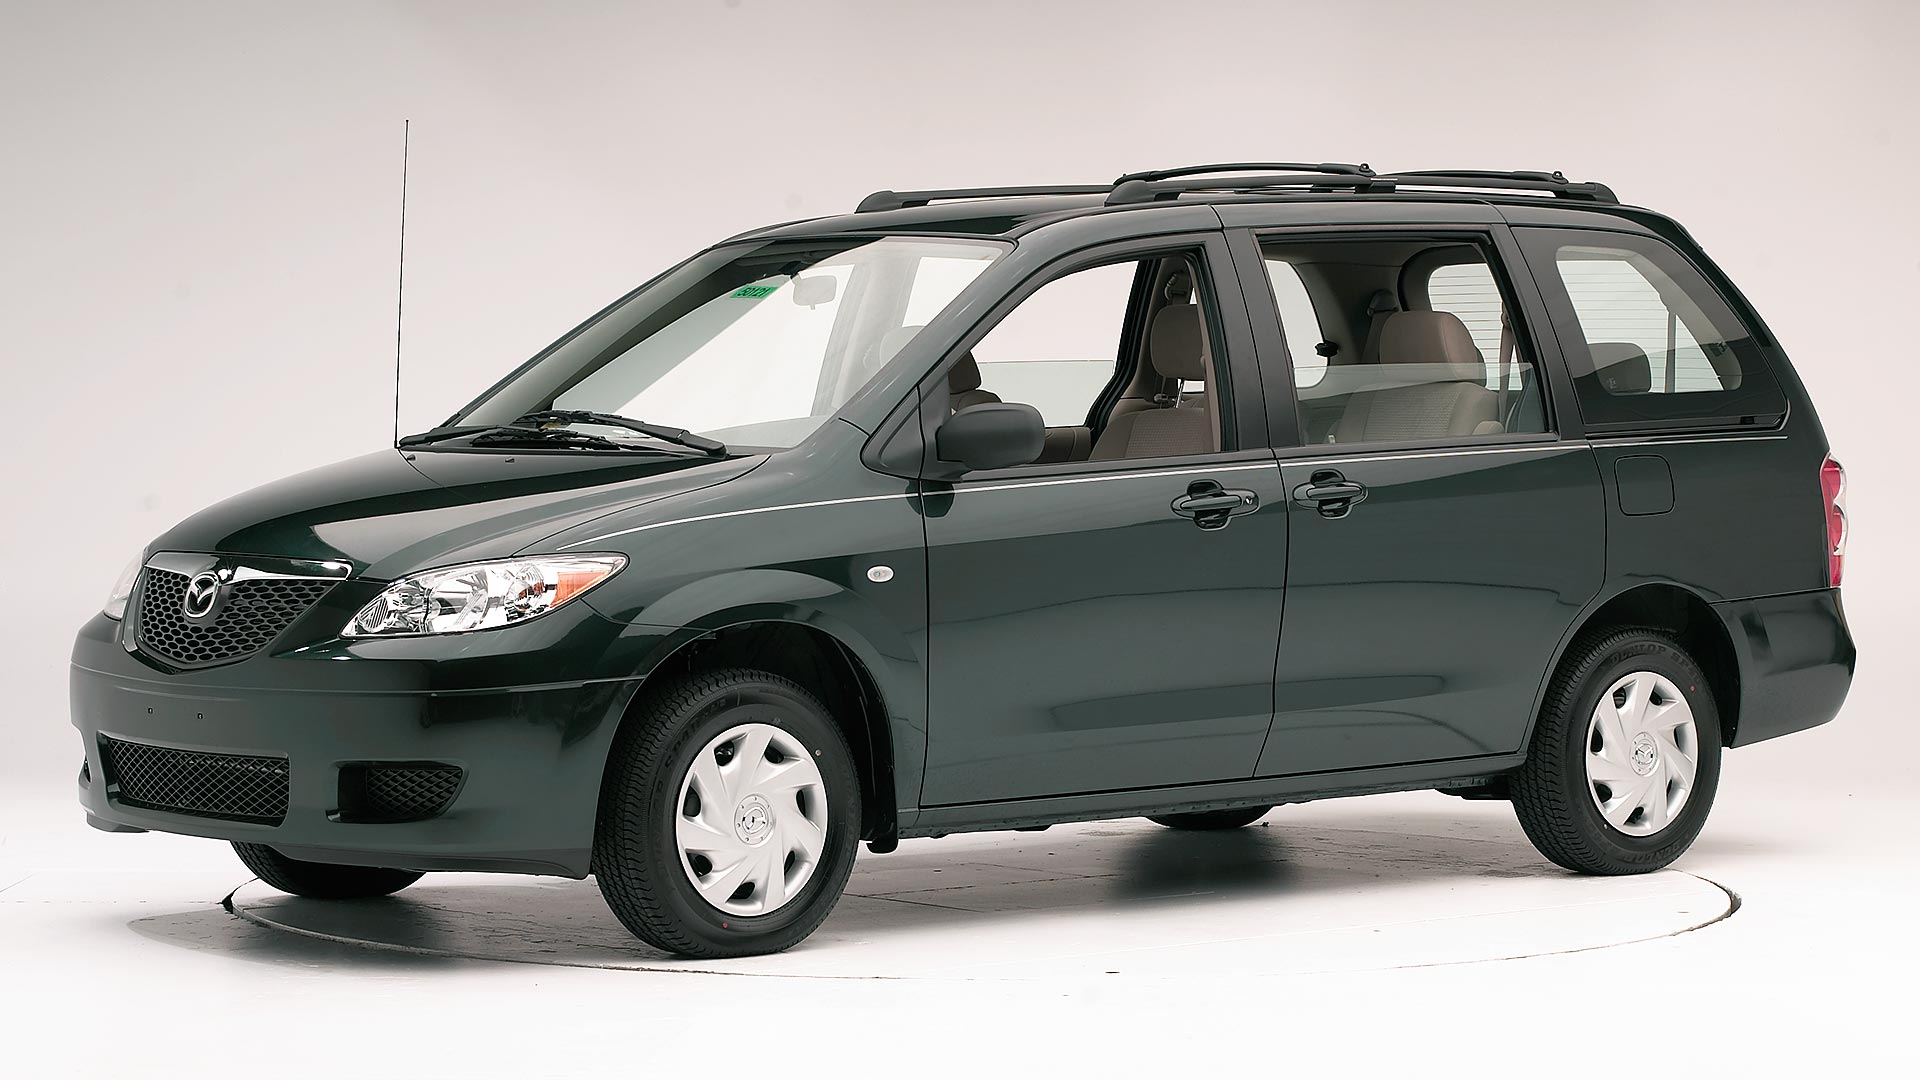 Kelebihan Kekurangan Mazda Mpv Top Model Tahun Ini